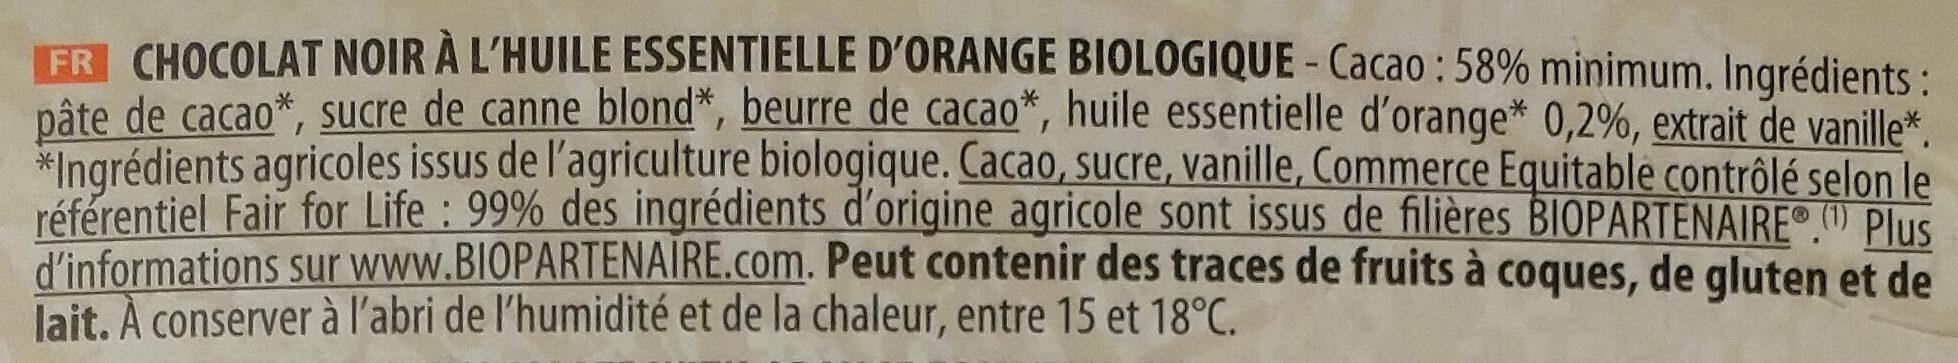 Chocolat Noir à l'huile Essentielle d'Orange Bio - Ingredients - fr